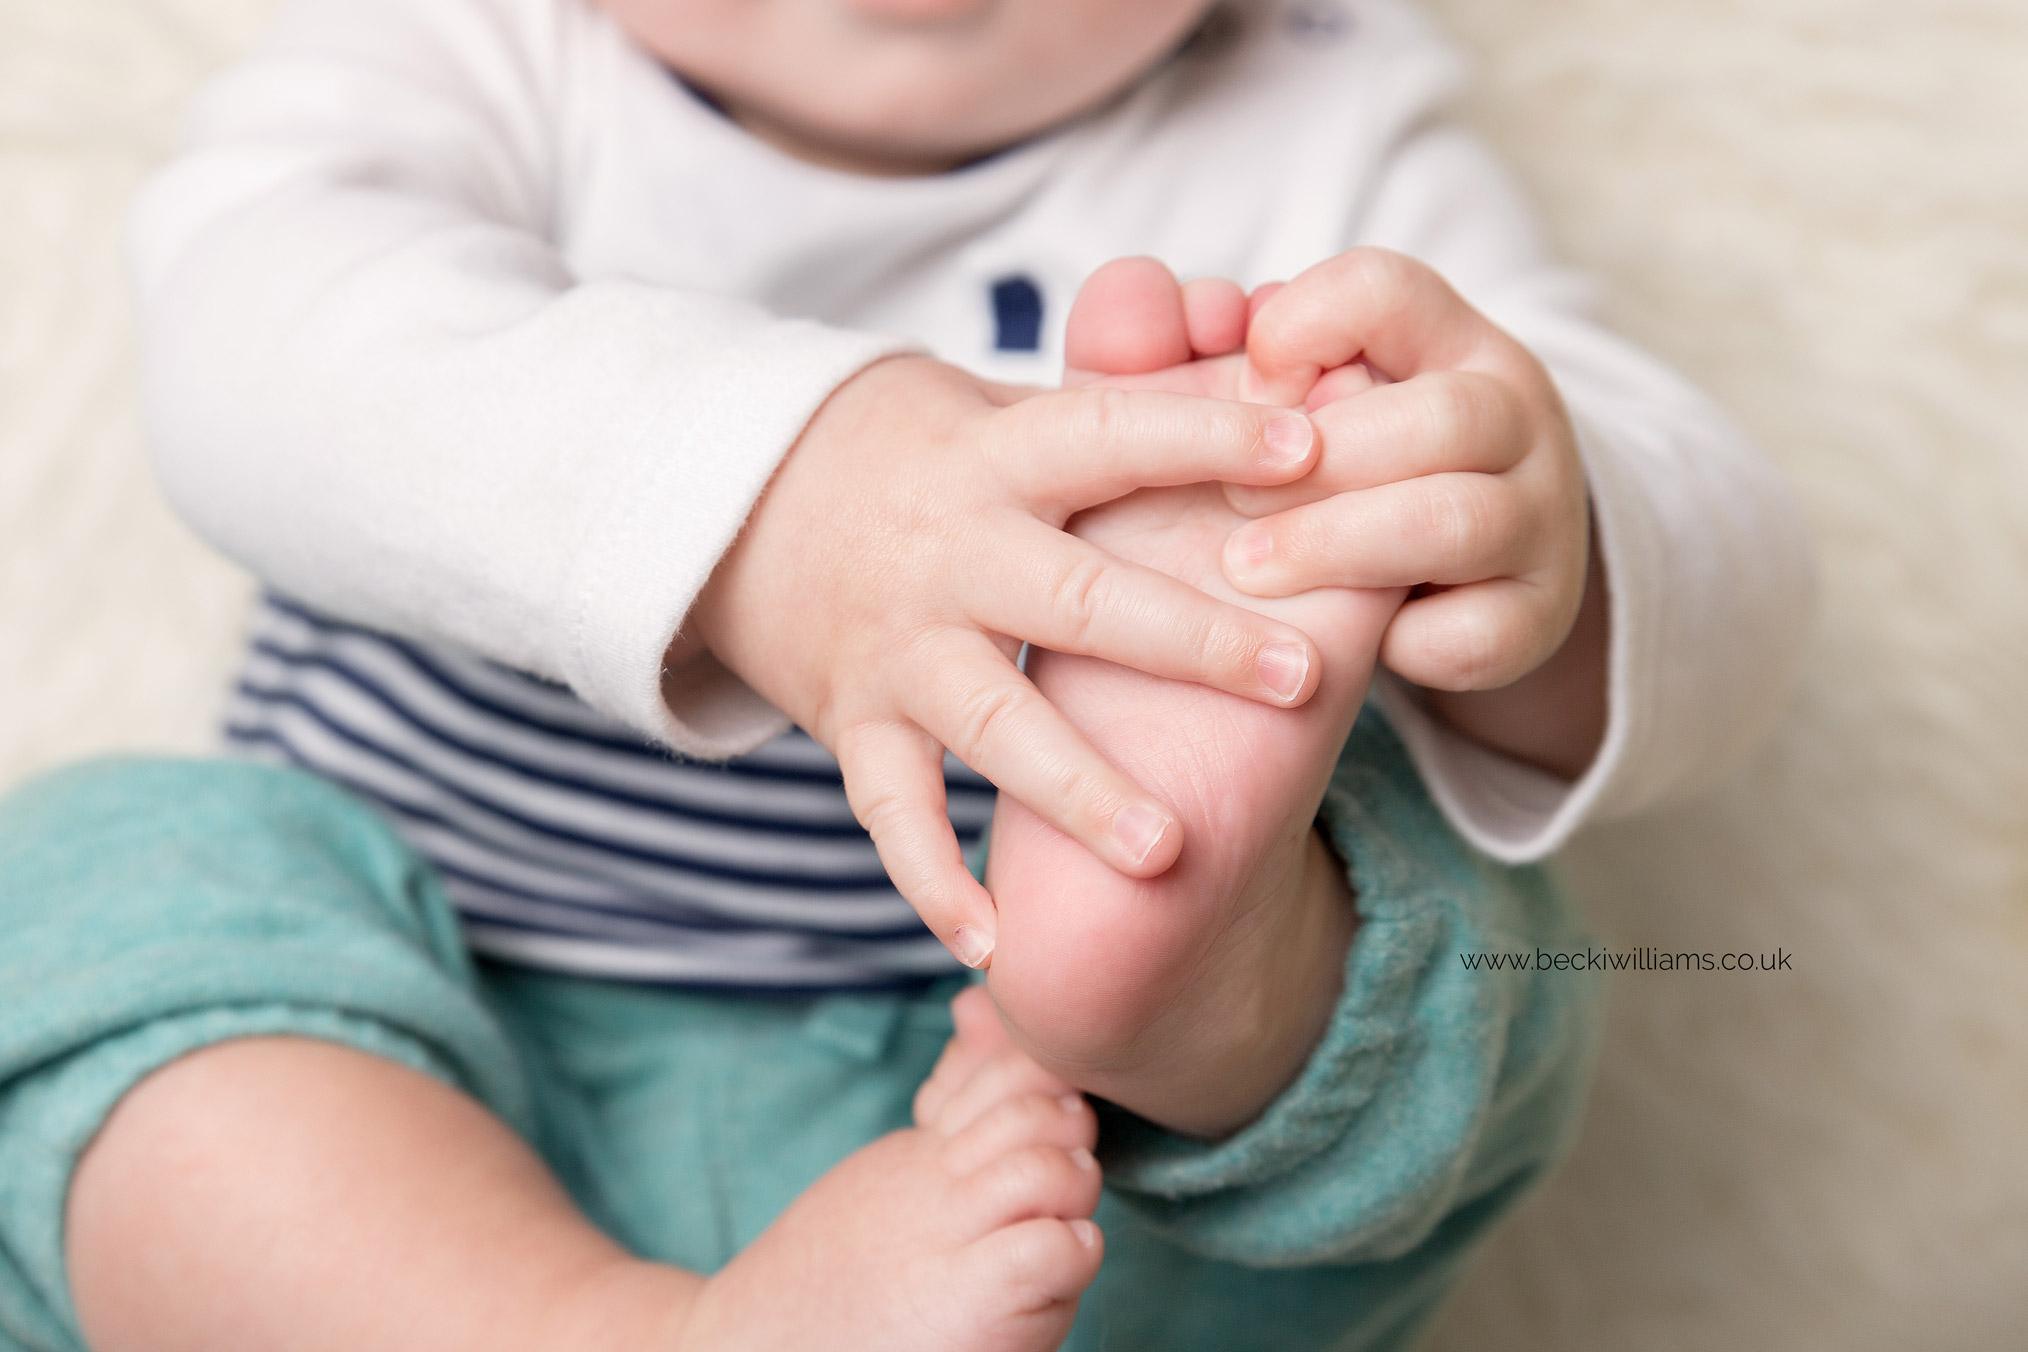 cute-baby-photos-hemel-hempstead-8-month-old-details-toes.jpg